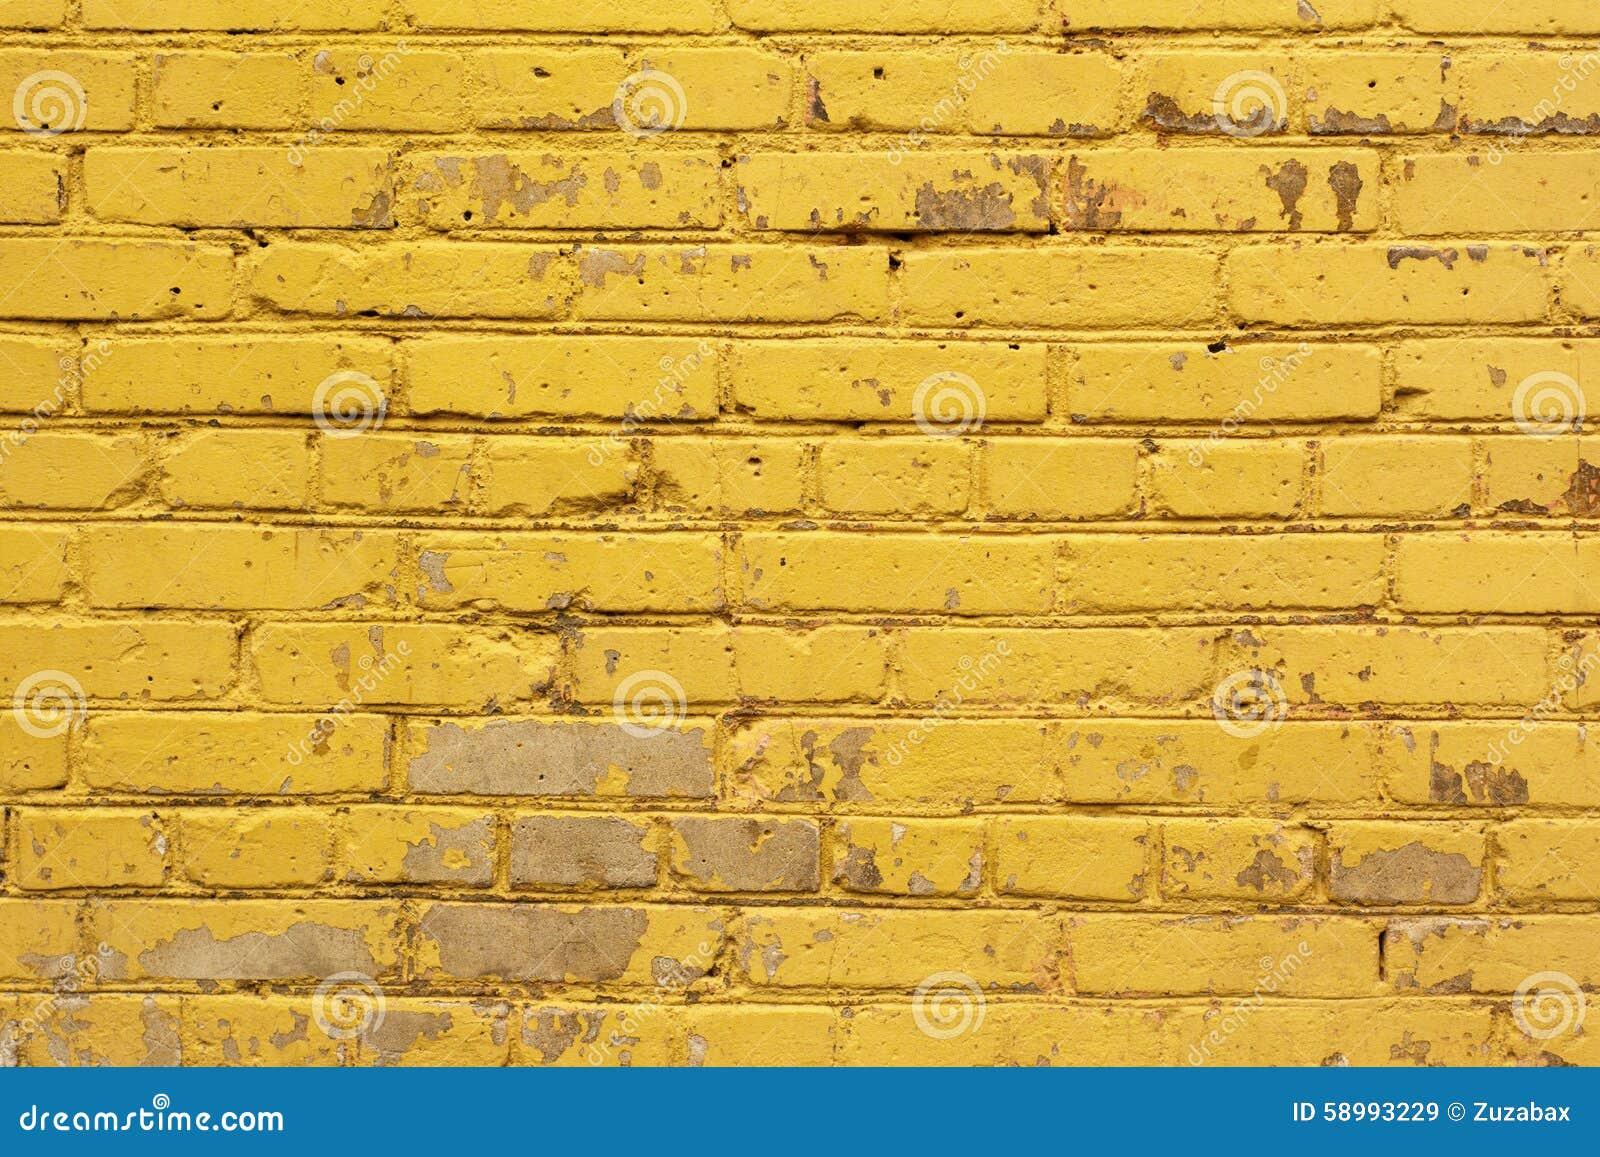 Målad gul textur för bakgrund för tegelstenvägg i ljusa toner